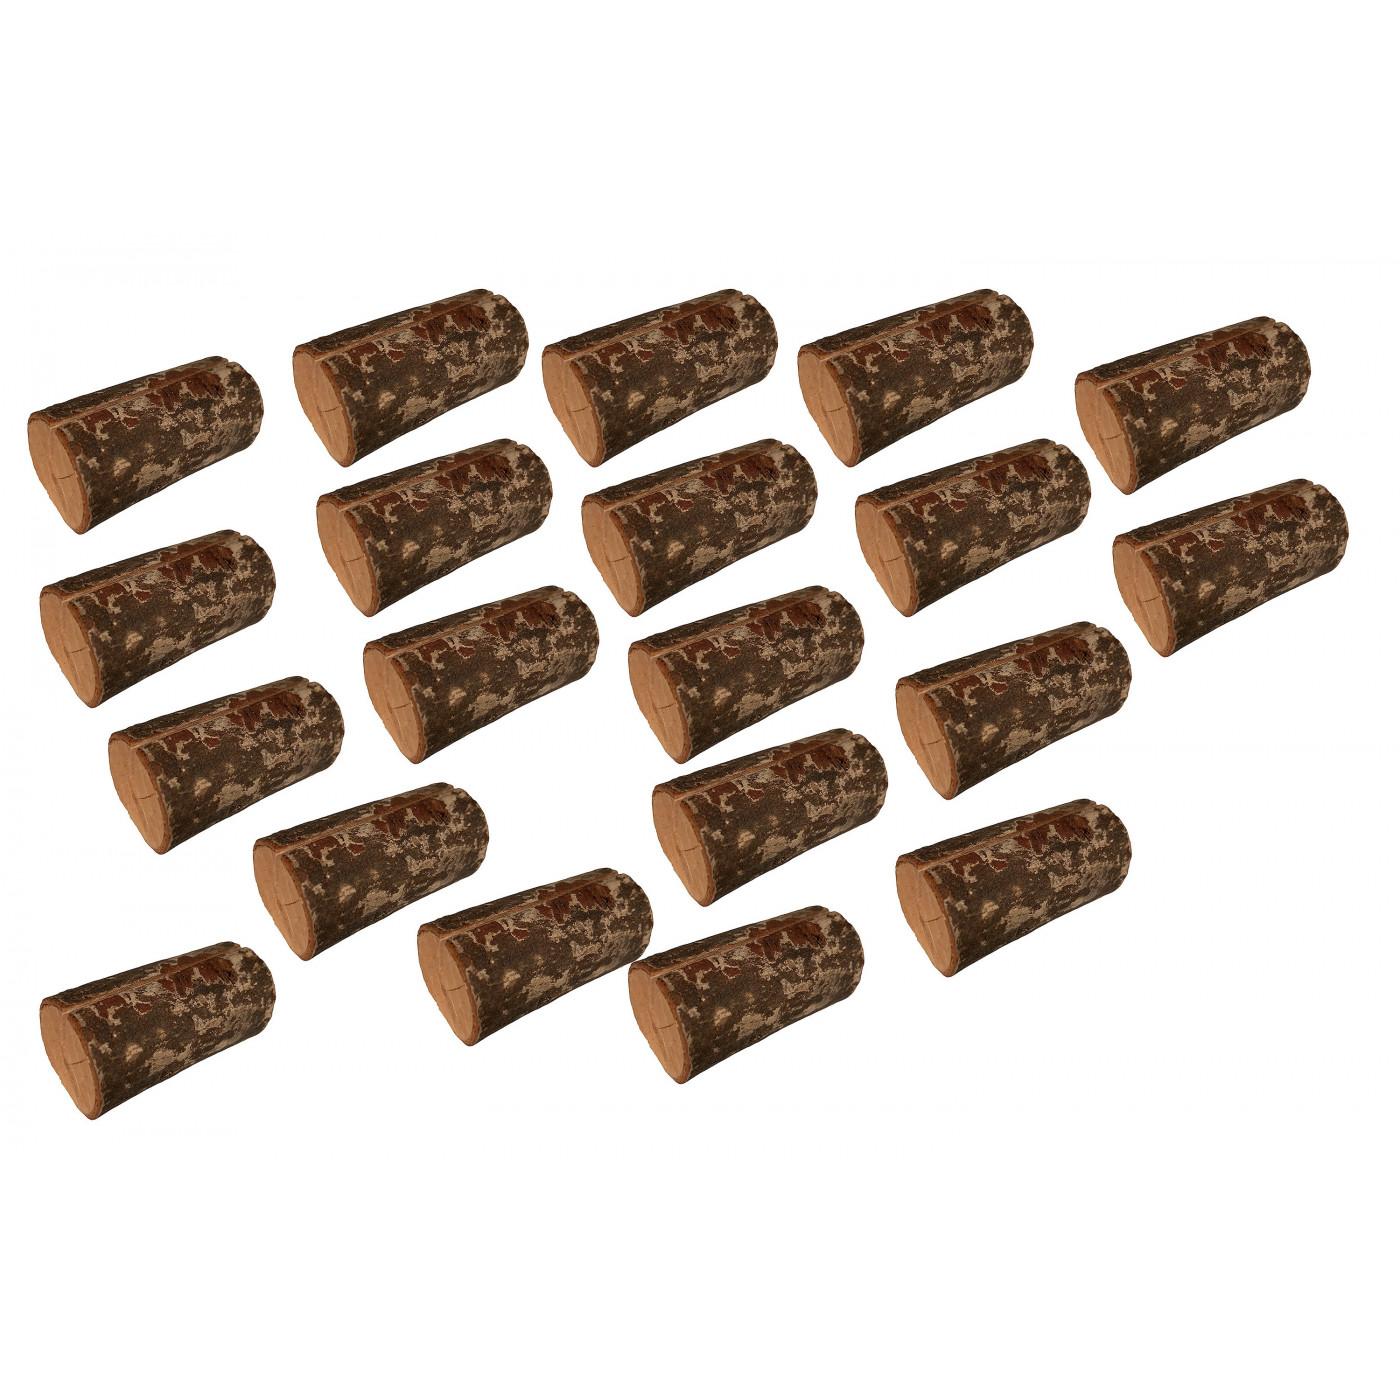 Set of 20 nice tree stump card holders (type 3)